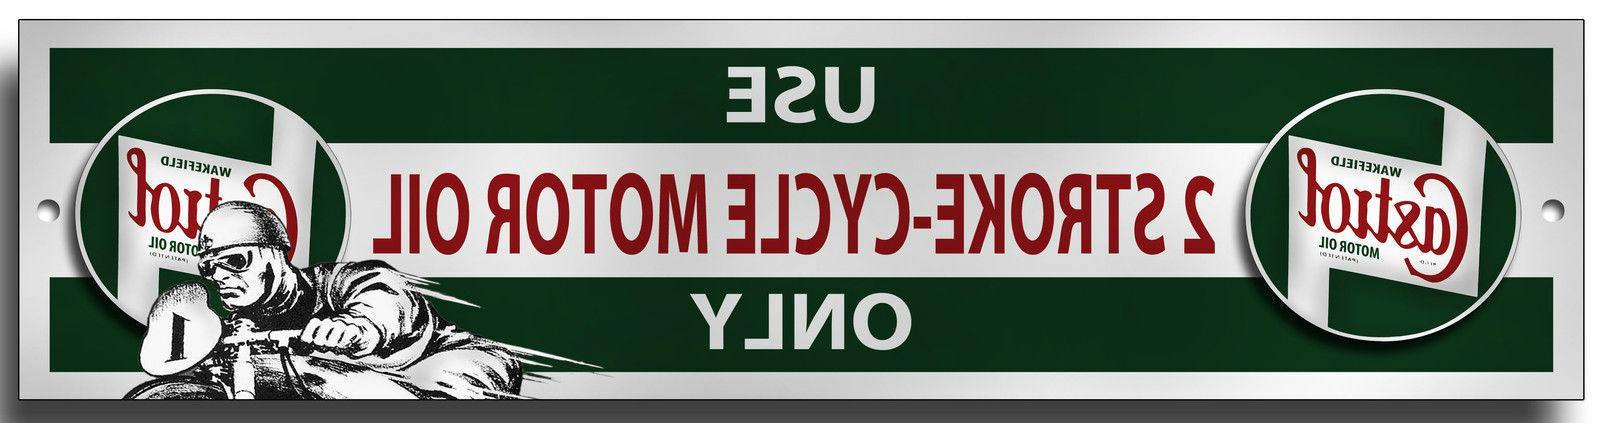 Castrol Oil 2 Stroke Door Sign. Wall Plaque. Great for Work